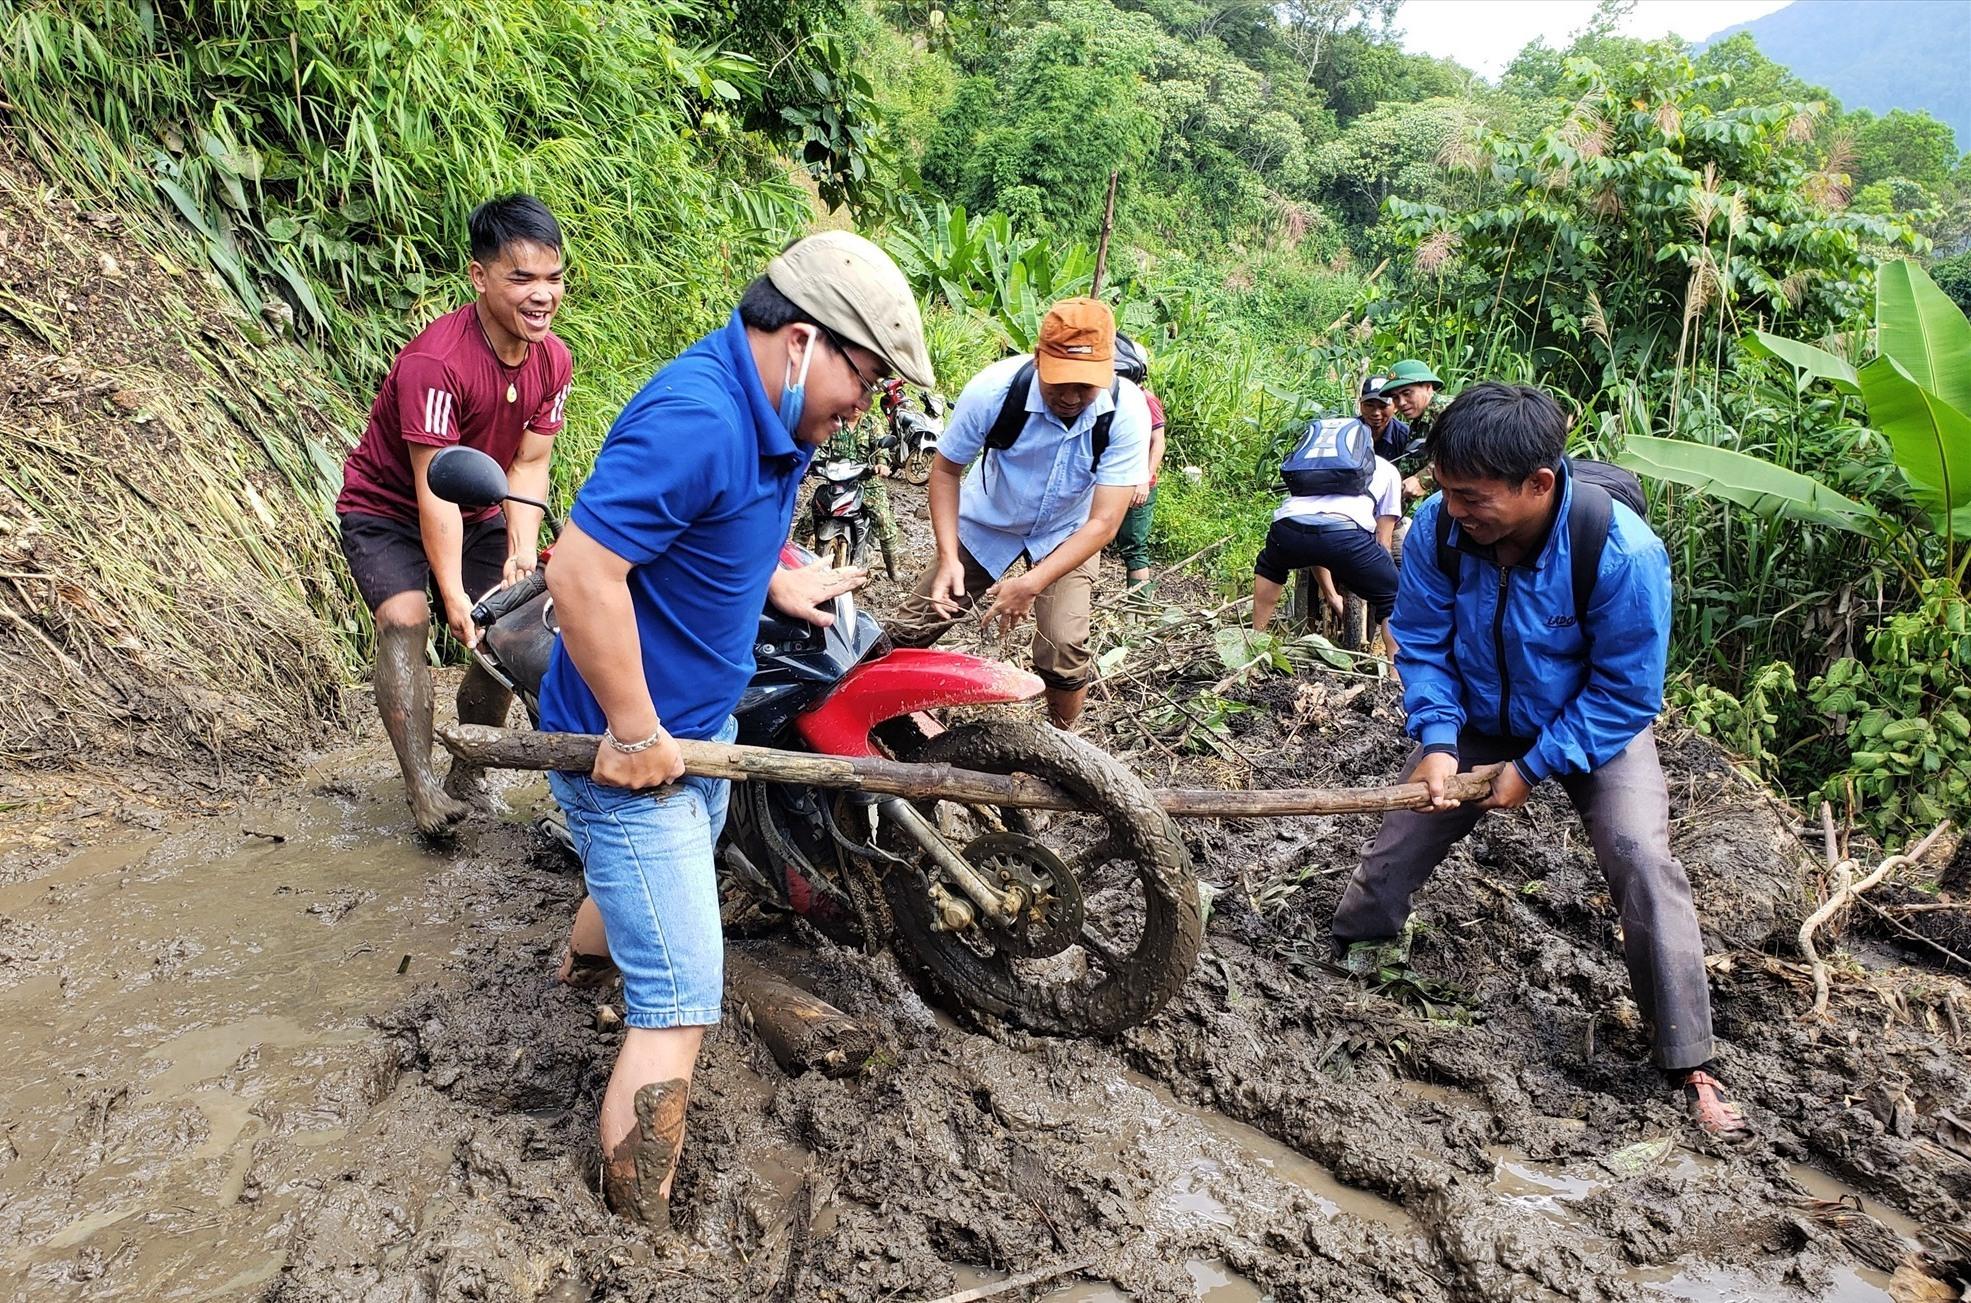 Người dân khiêng xe qua khu vực sạt lở trên tuyến đường từ xã A Xan vào Ga Ri, huyện Tây Giang. Ảnh:THANH THẮNG